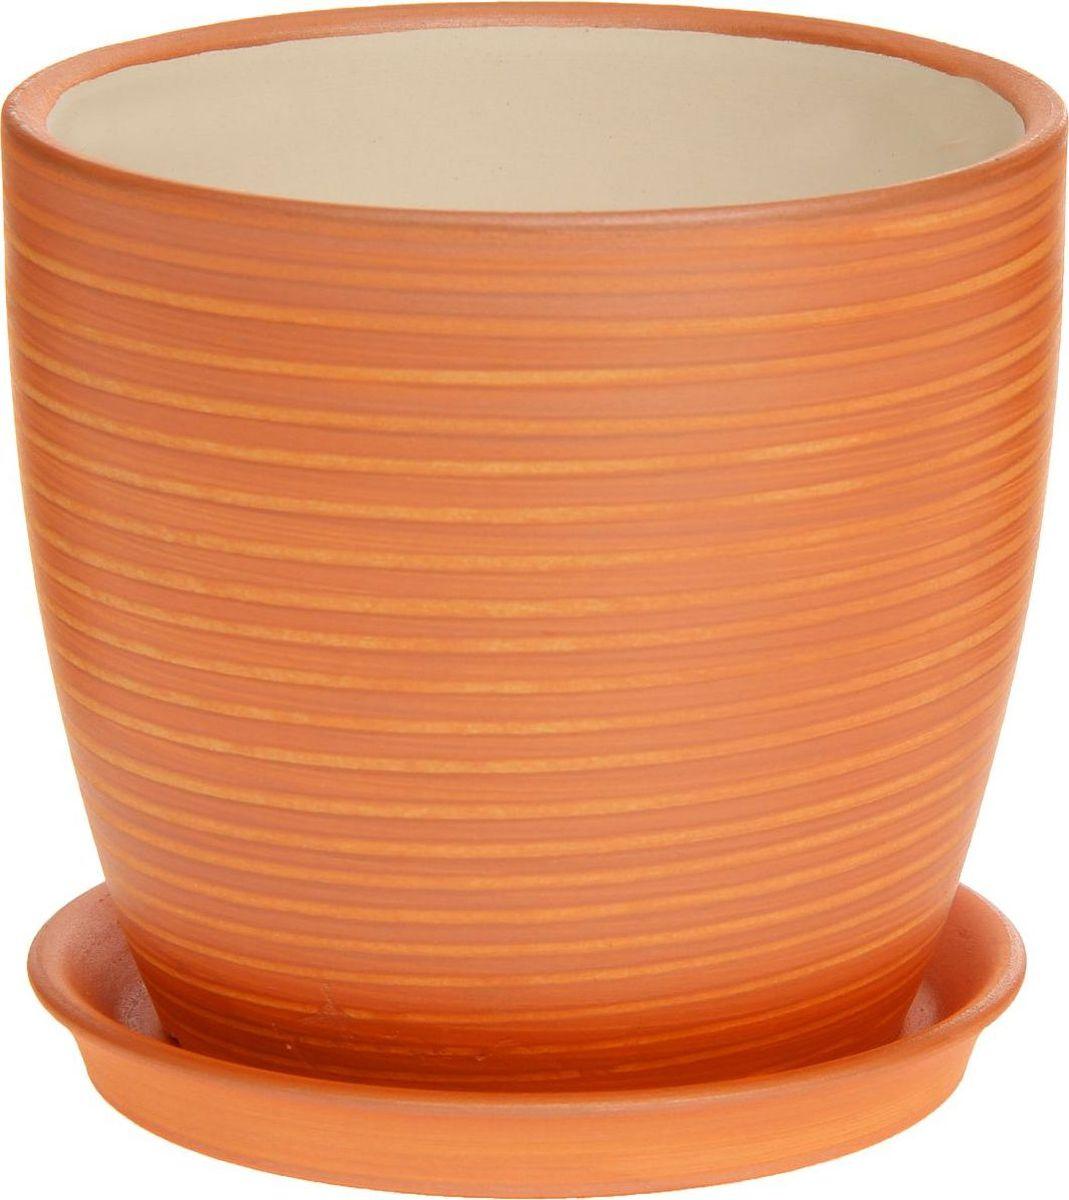 Кашпо Керамика ручной работы Осень. Радуга, цвет: карамельный, 1 л1170289Комнатные растения — всеобщие любимцы. Они радуют глаз, насыщают помещение кислородом и украшают пространство. Каждому из них необходим свой удобный и красивый дом. Кашпо из керамики прекрасно подходят для высадки растений: за счет пластичности глины и разных способов обработки существует великое множество форм и дизайнов пористый материал позволяет испаряться лишней влаге воздух, необходимый для дыхания корней, проникает сквозь керамические стенки! позаботится о зеленом питомце, освежит интерьер и подчеркнет его стиль.